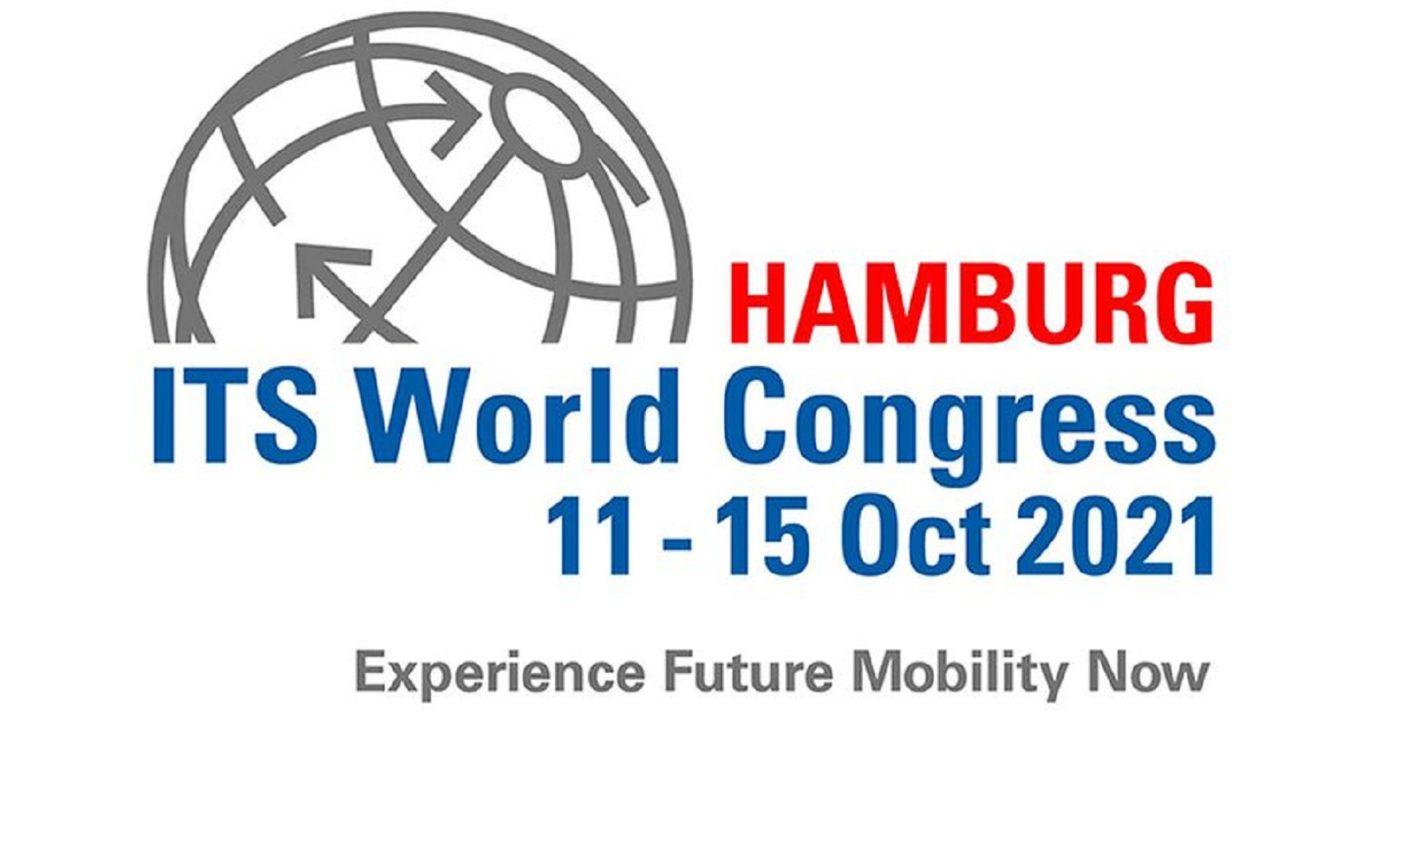 km1-its-world-congress 2